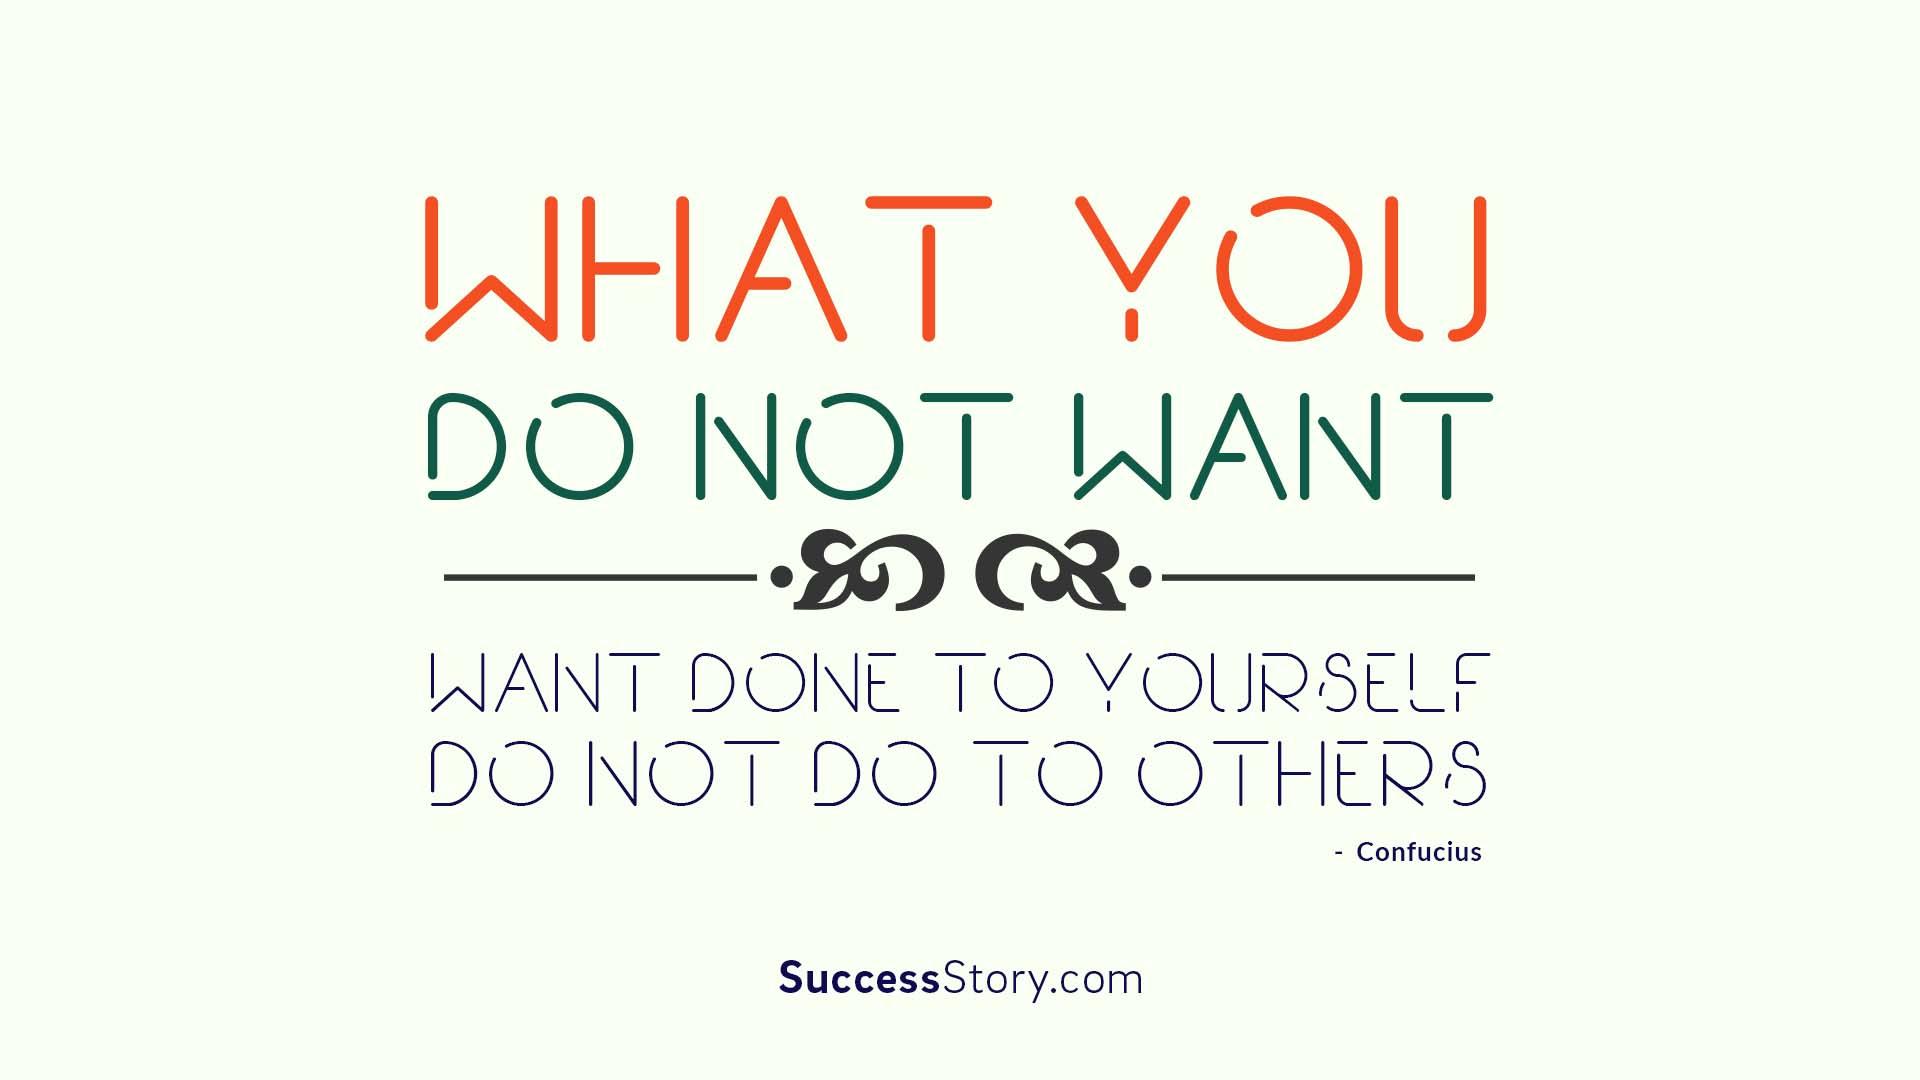 What you do not wan